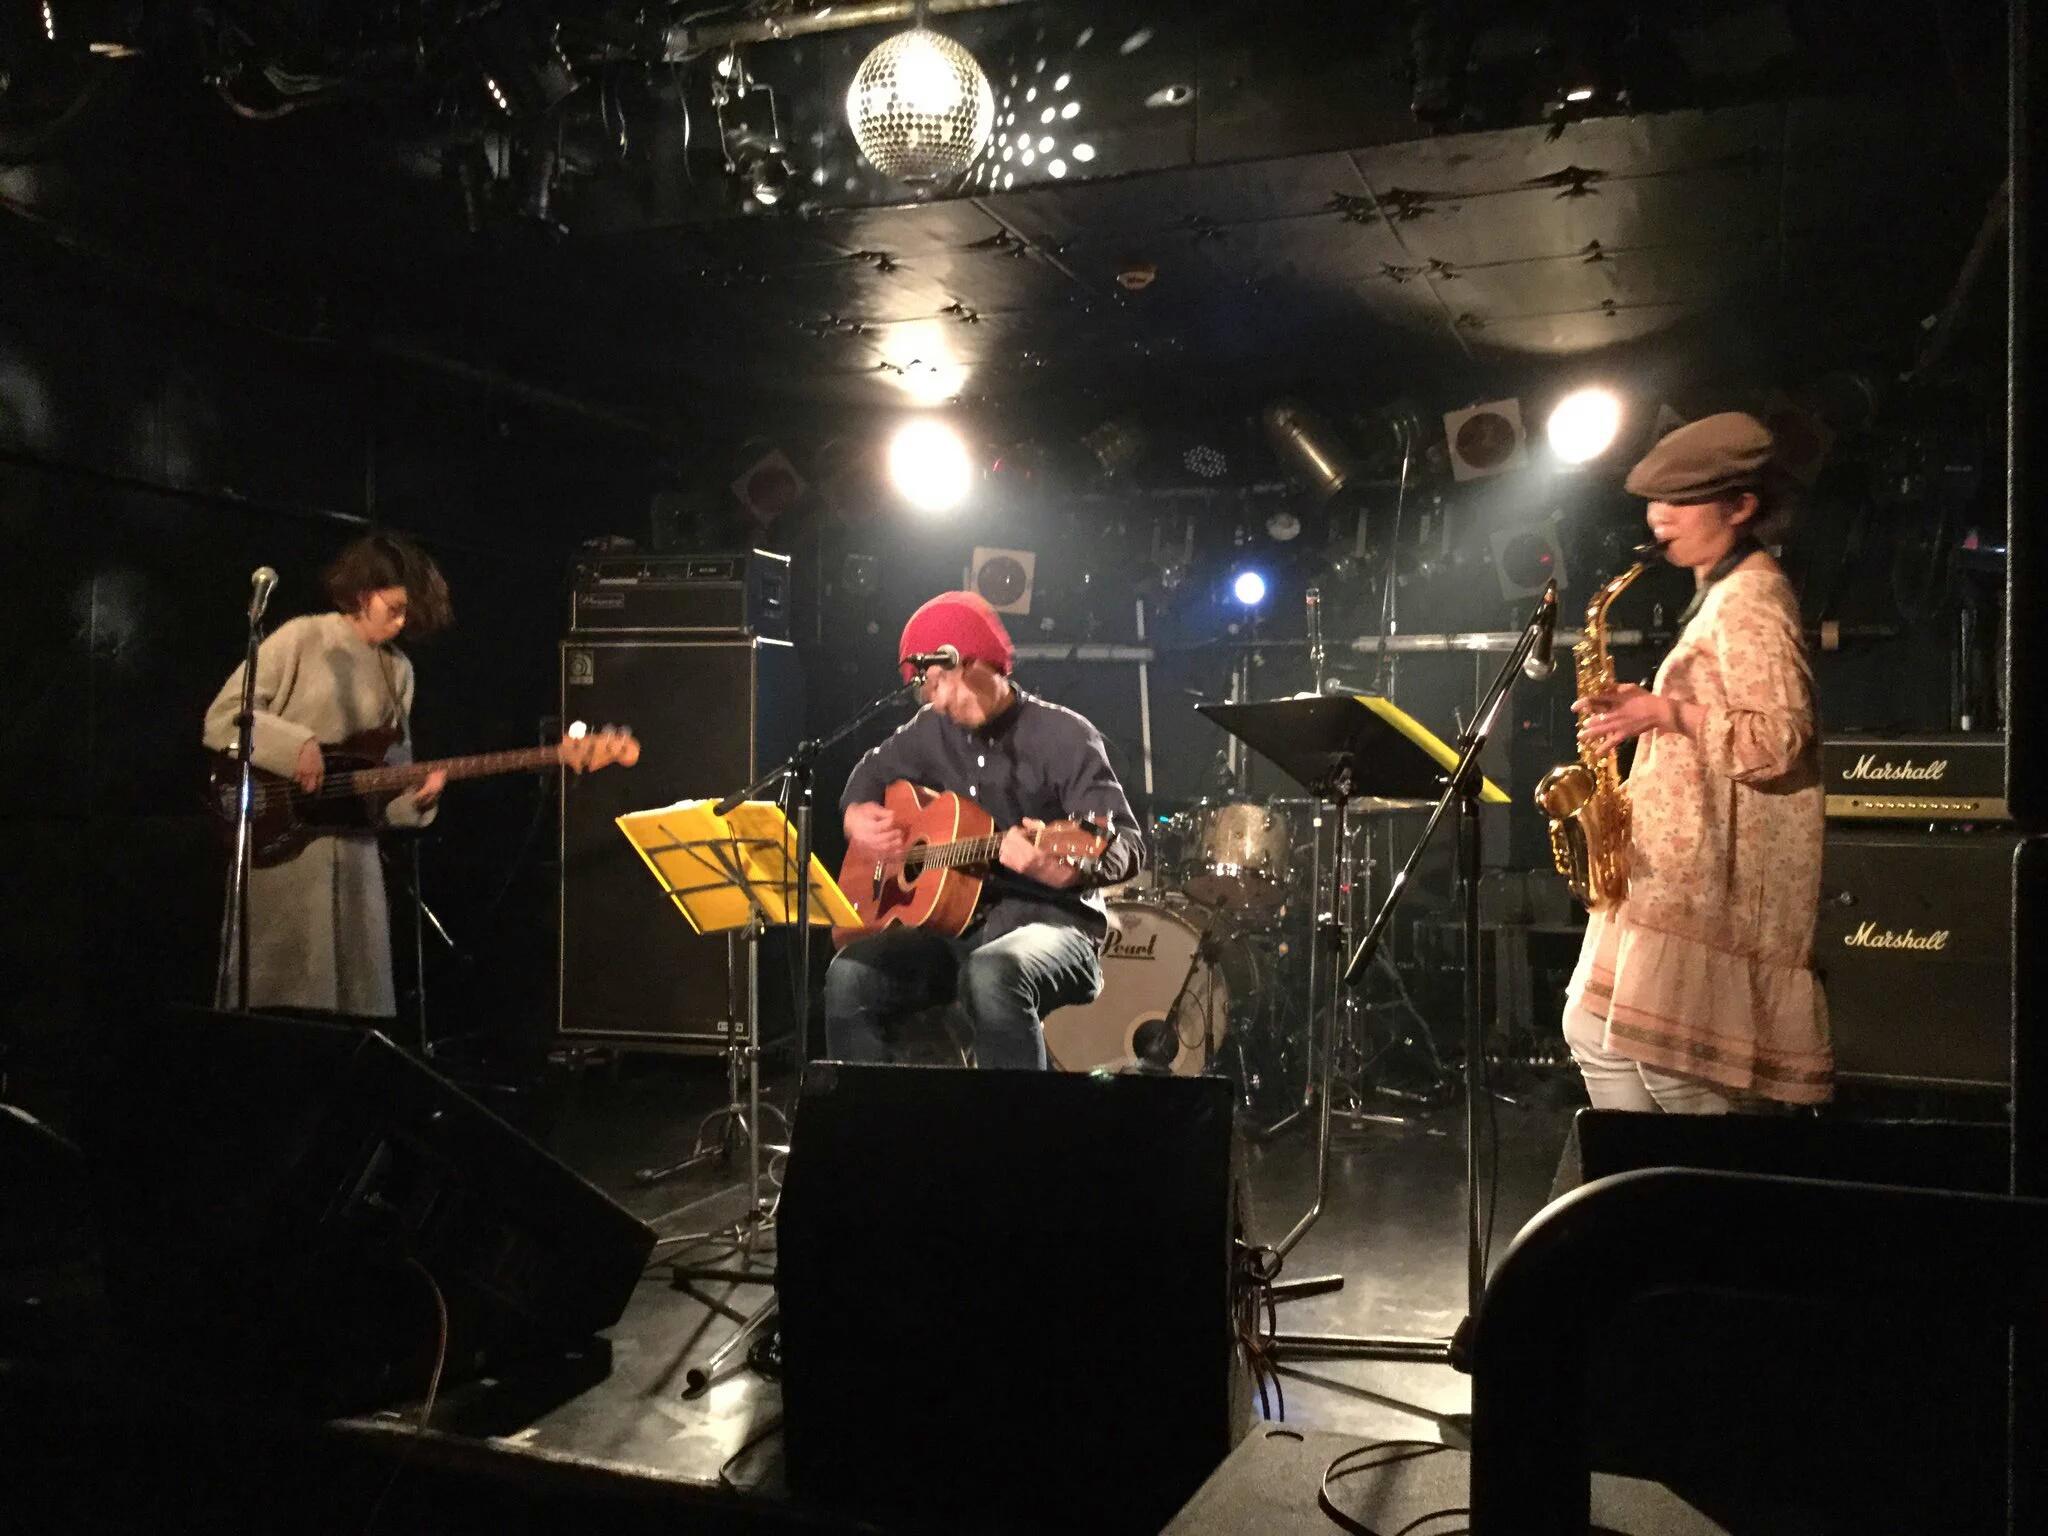 2/26(金)高円寺show boat★ドン珍否島Trippers ありがとうございました!